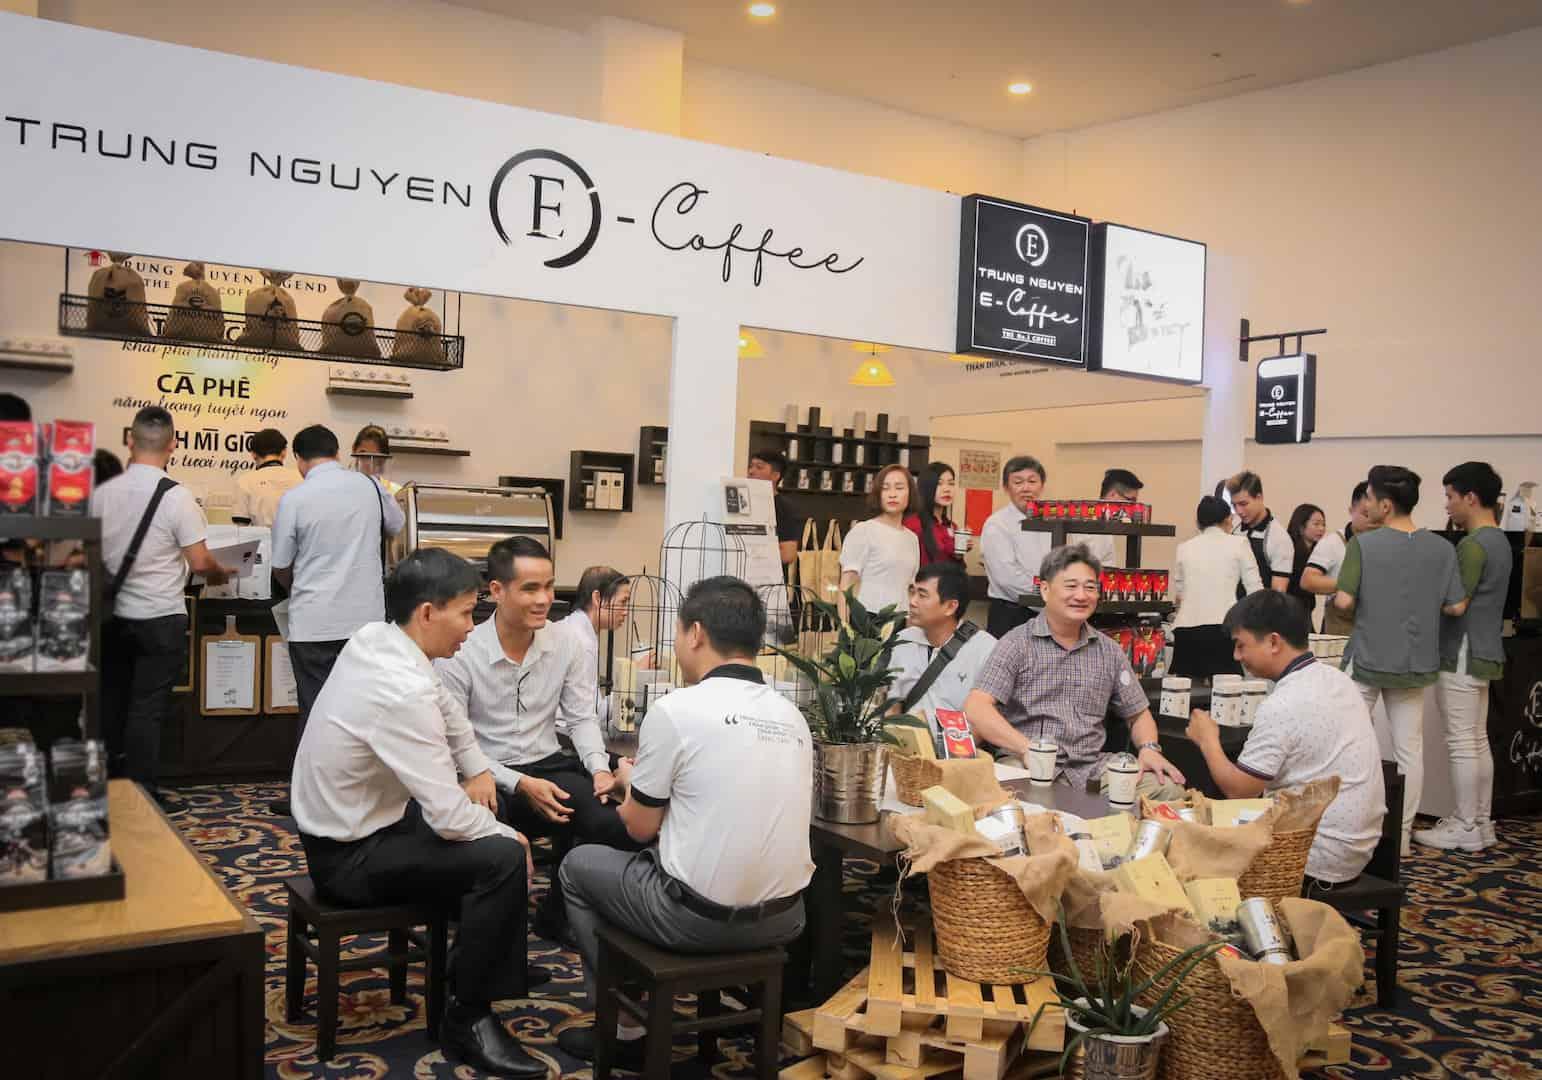 nhượng quyền cafe e coffee